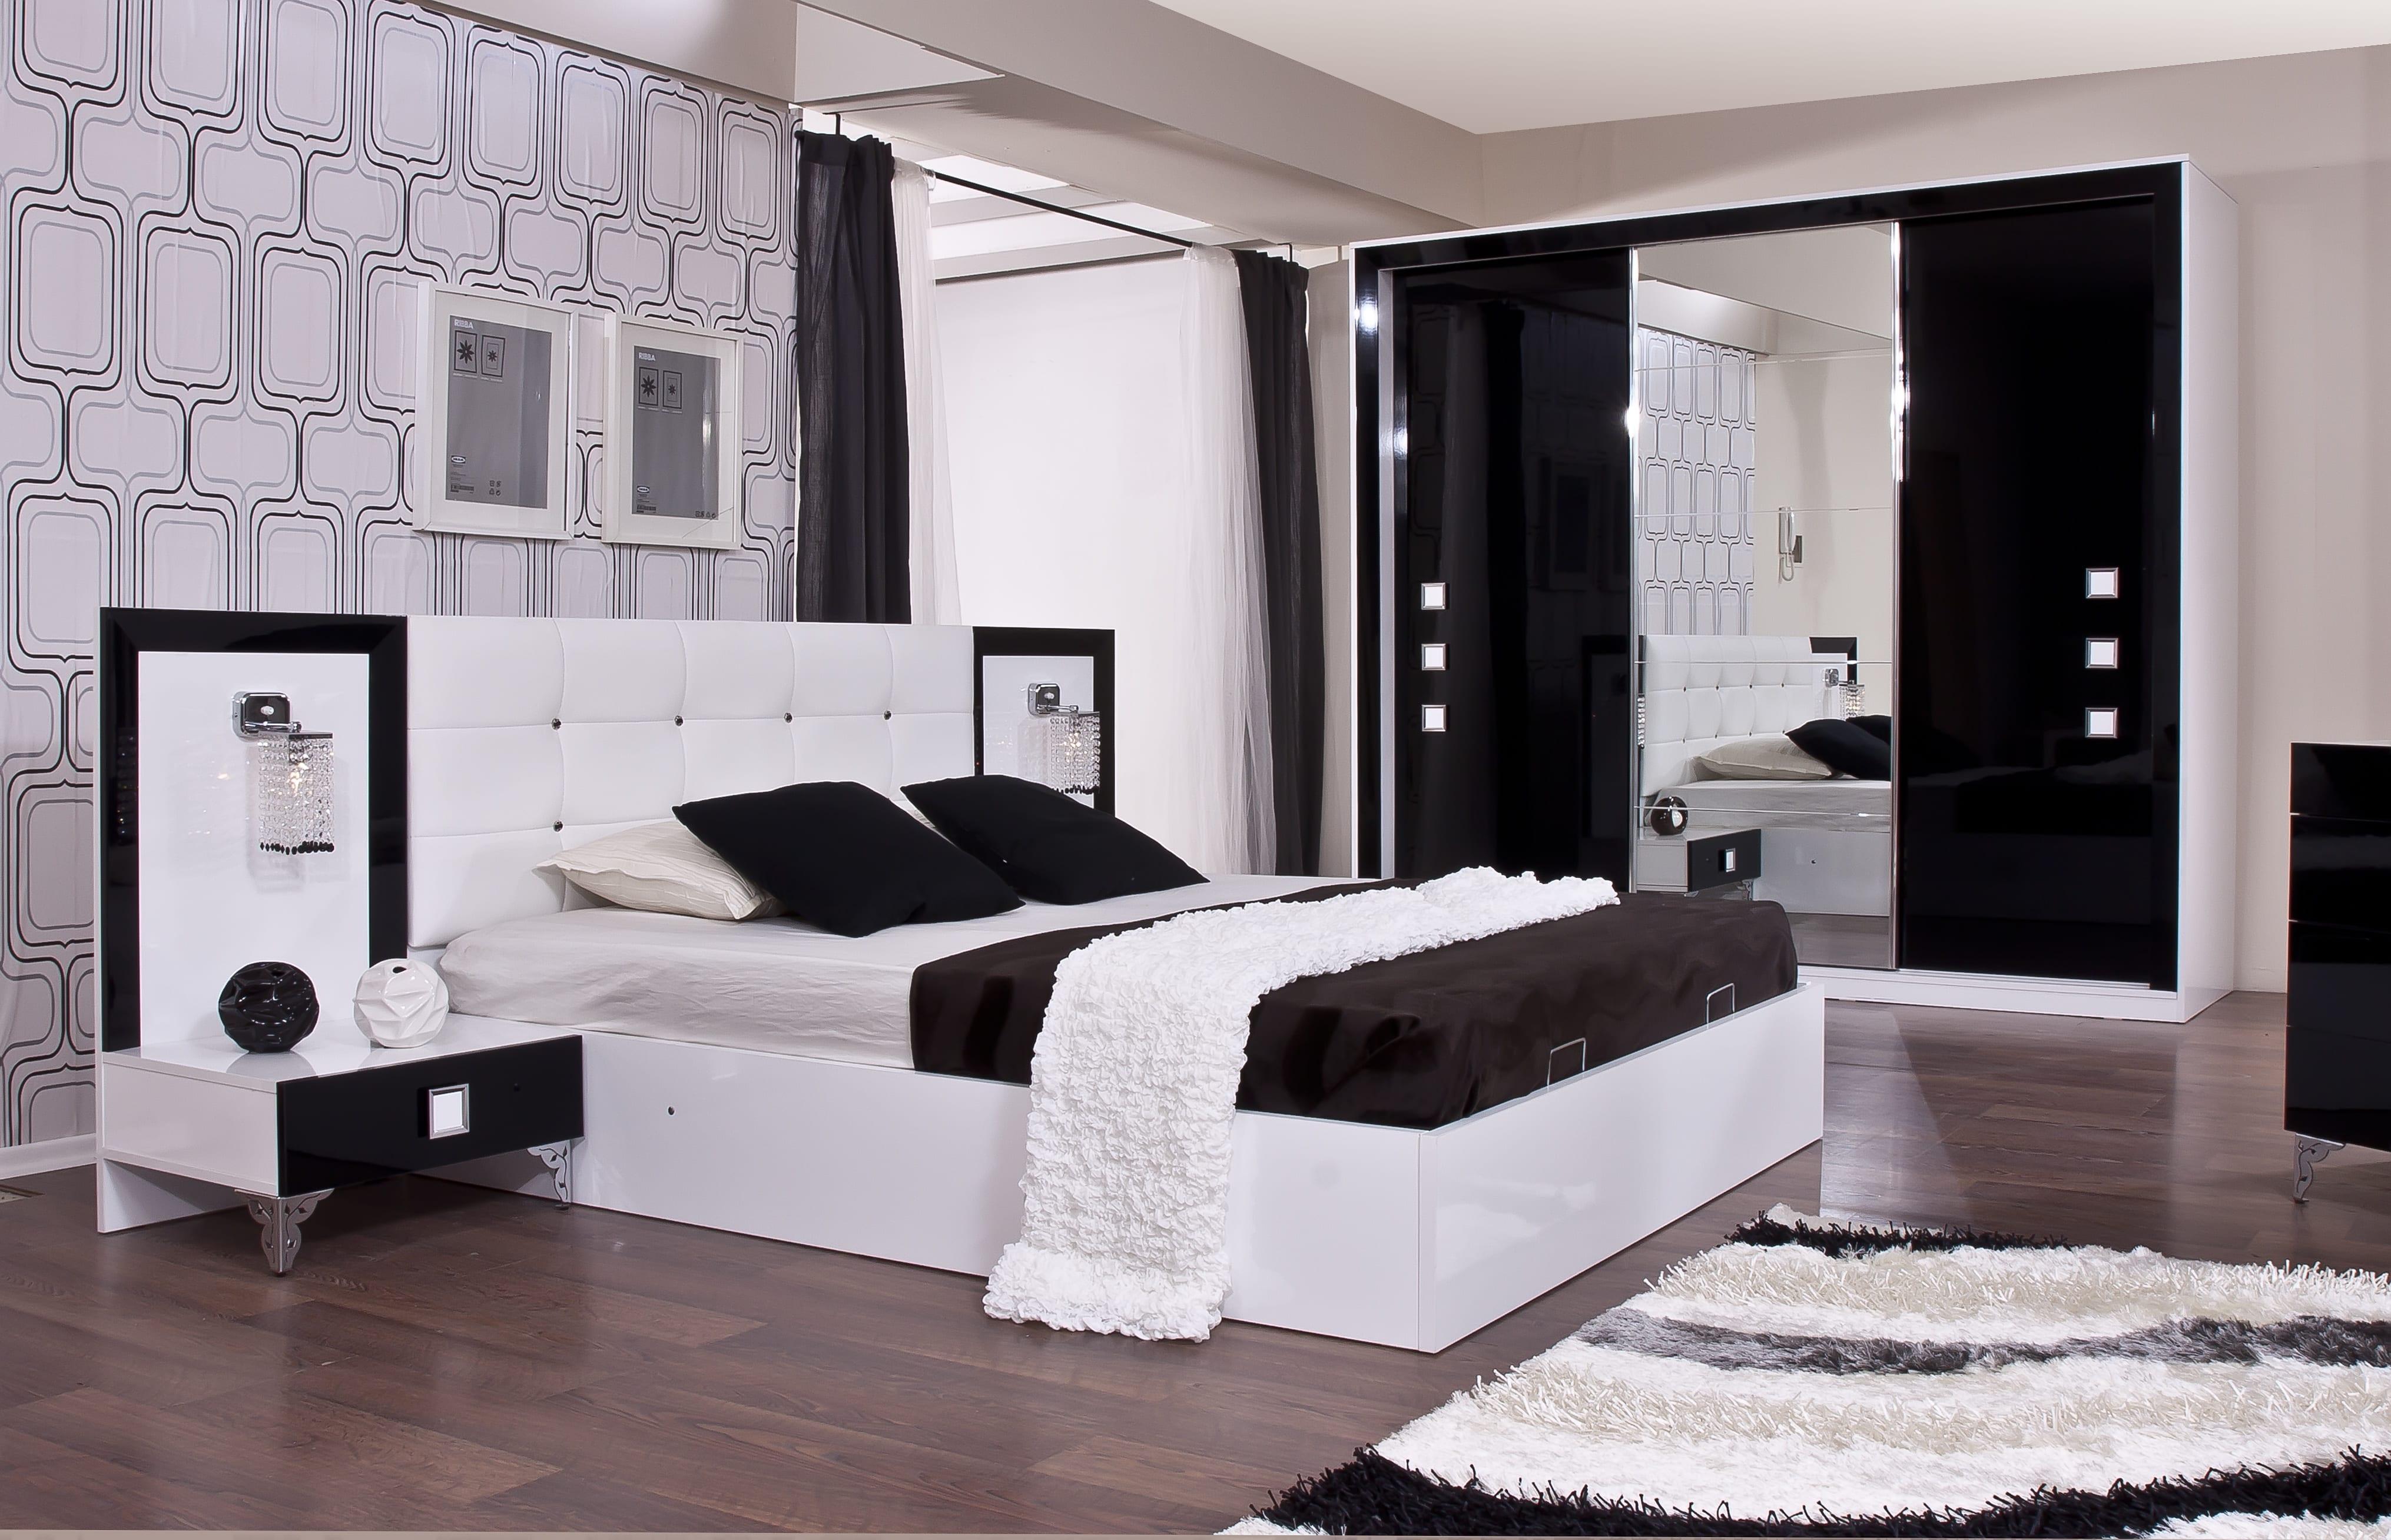 Yatak odasi modelleri 2020 dekor style for Mobilya yatak odasi